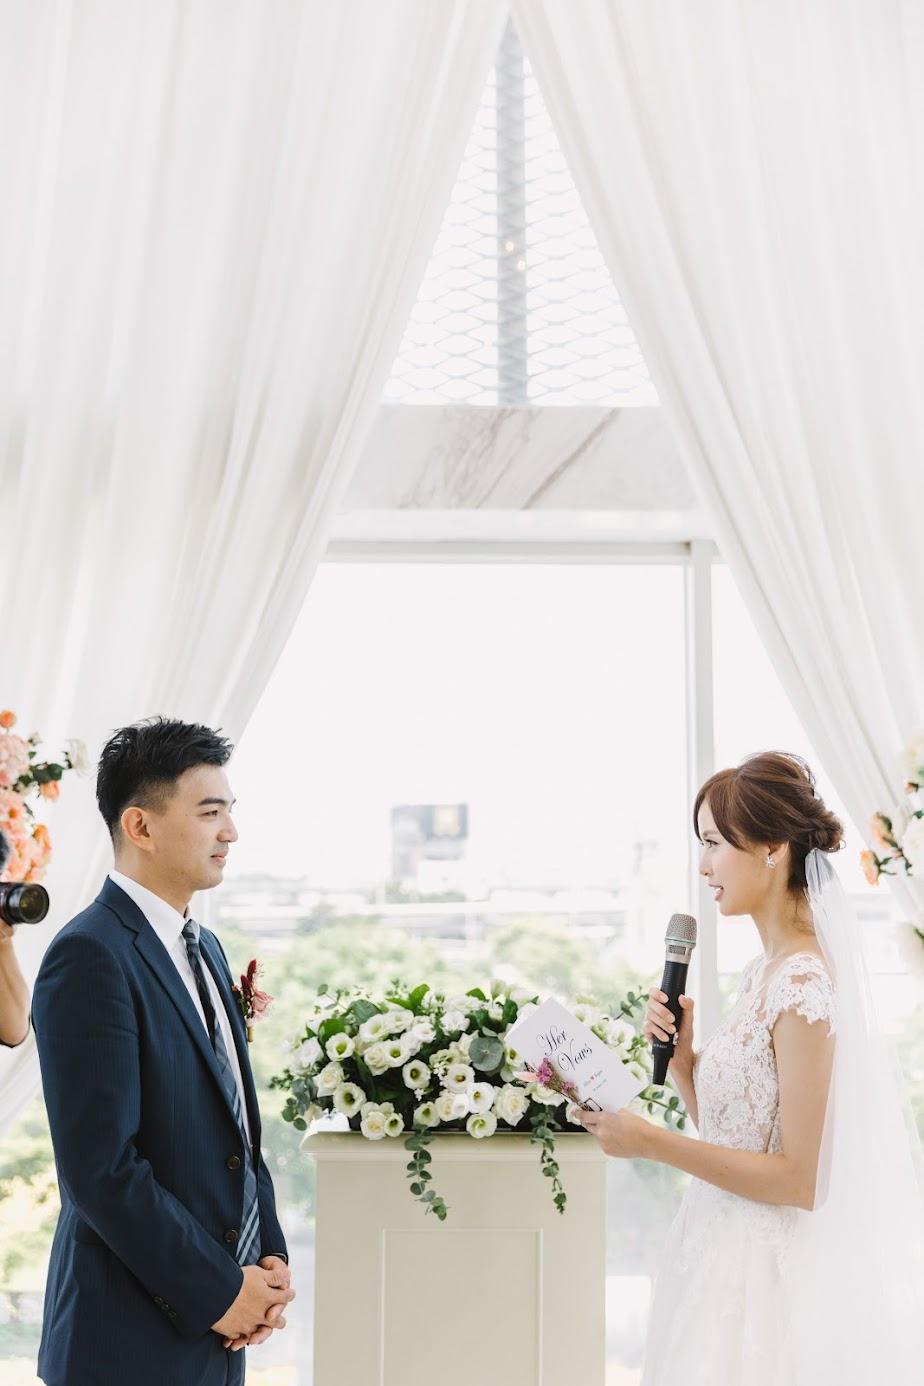 在 台中 的 萊特薇庭 釜宮 場地舉行陽光正好的美式 婚禮 , 是每位新娘夢寐以求的西式婚禮樣式!